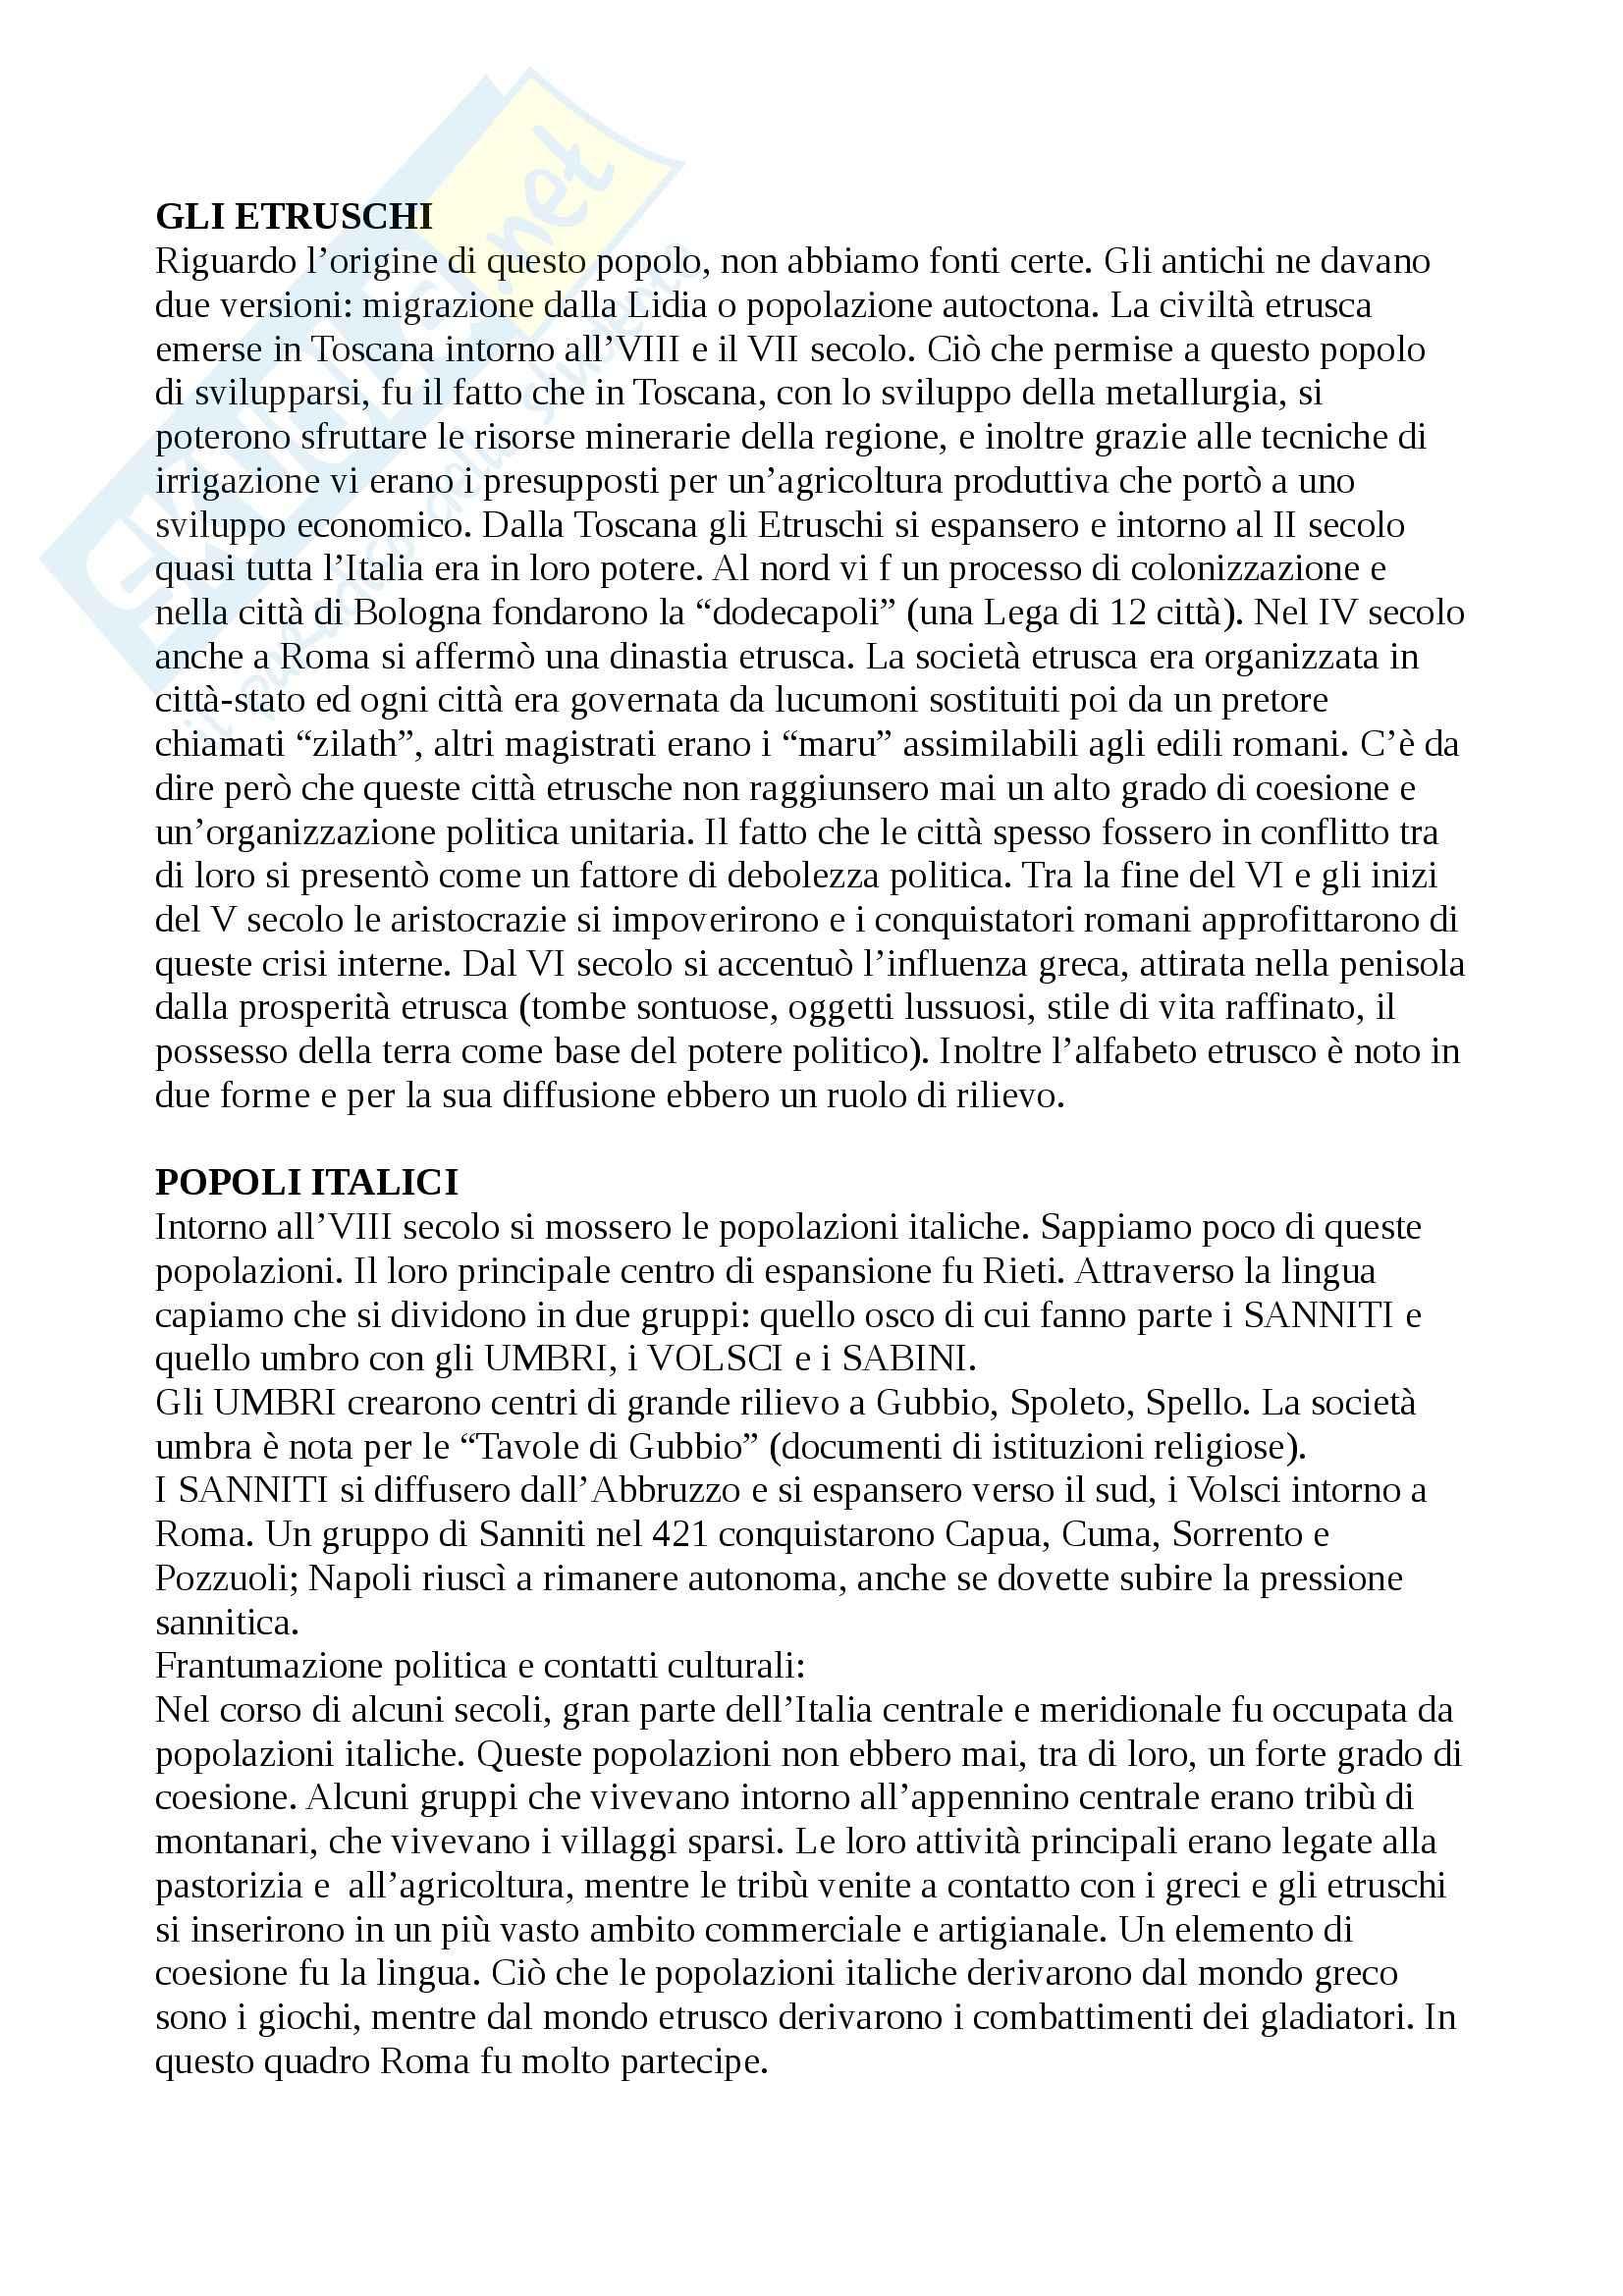 Riassunto esame Storia romana, libro adottato Guida alla storia romana, Clemente Pag. 2